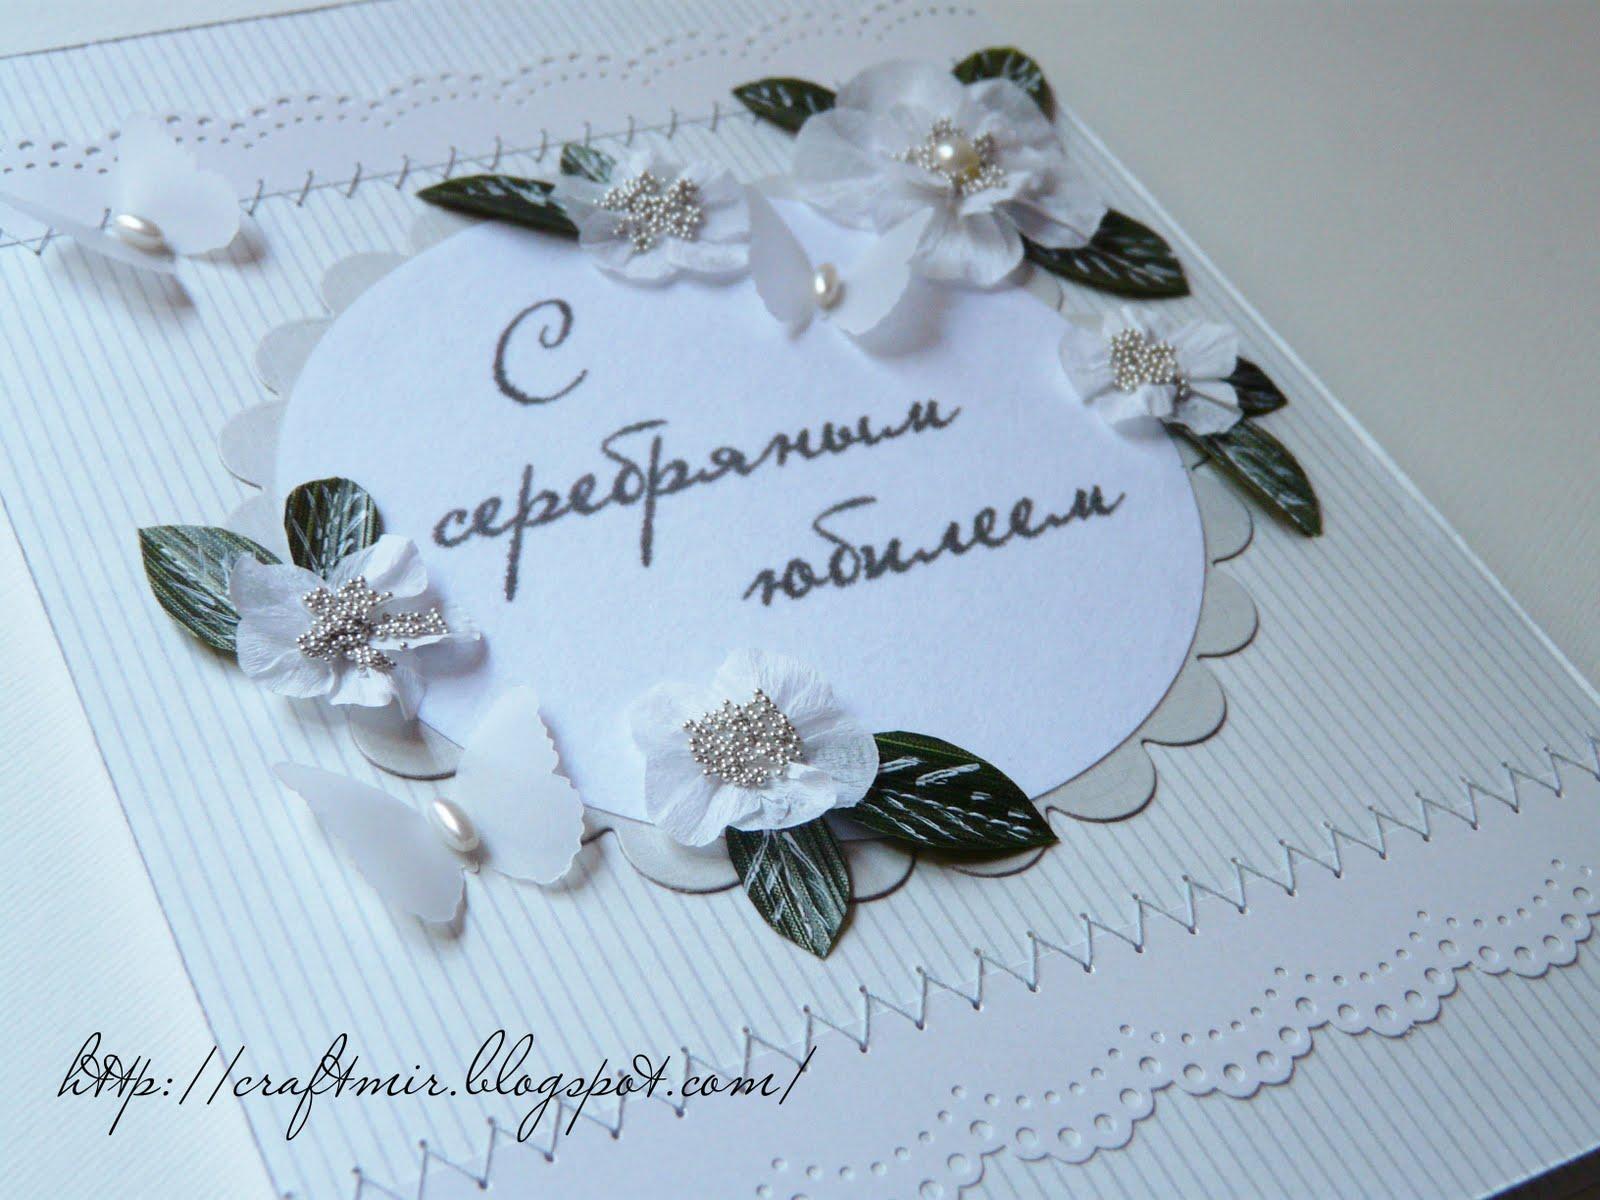 Серебряная свадьба красивые поздравления